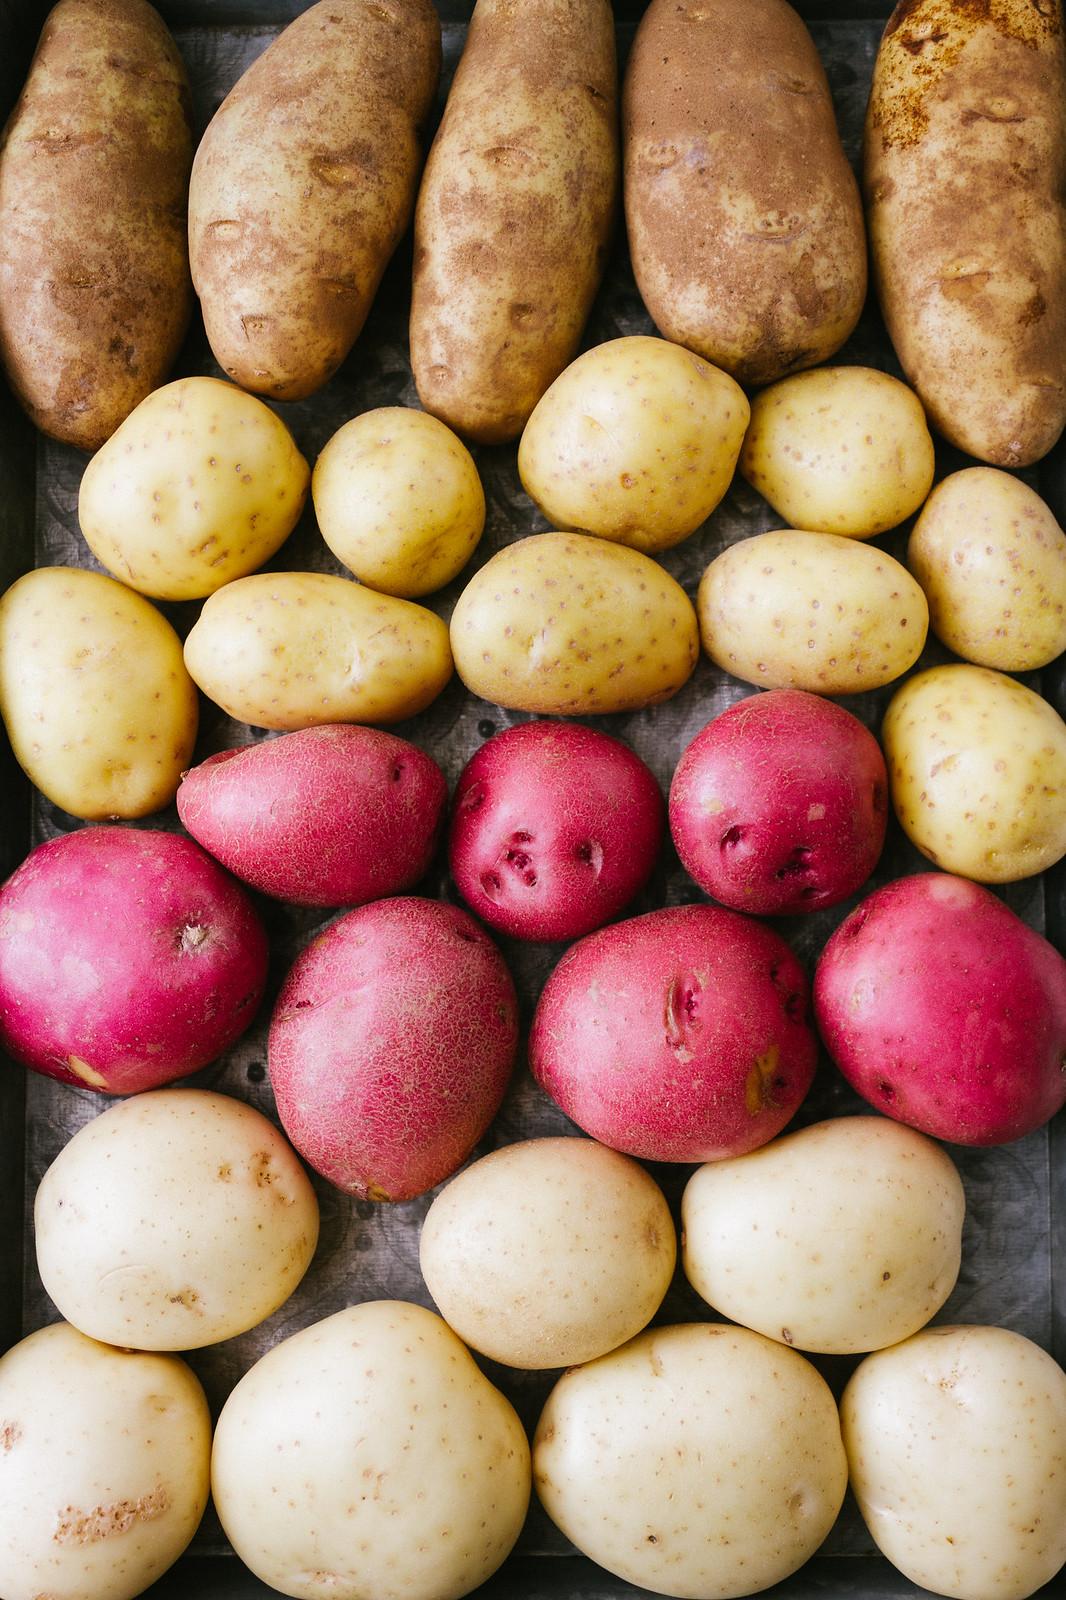 Vegan Mashed Potatoes: Russet, Yukon Gold, Red & White